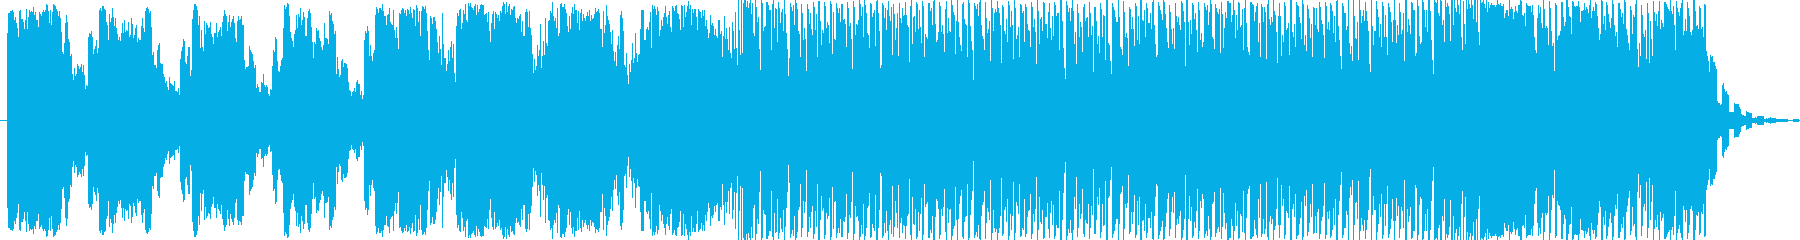 ダークでスペーシーなエレクトロニカの再生済みの波形